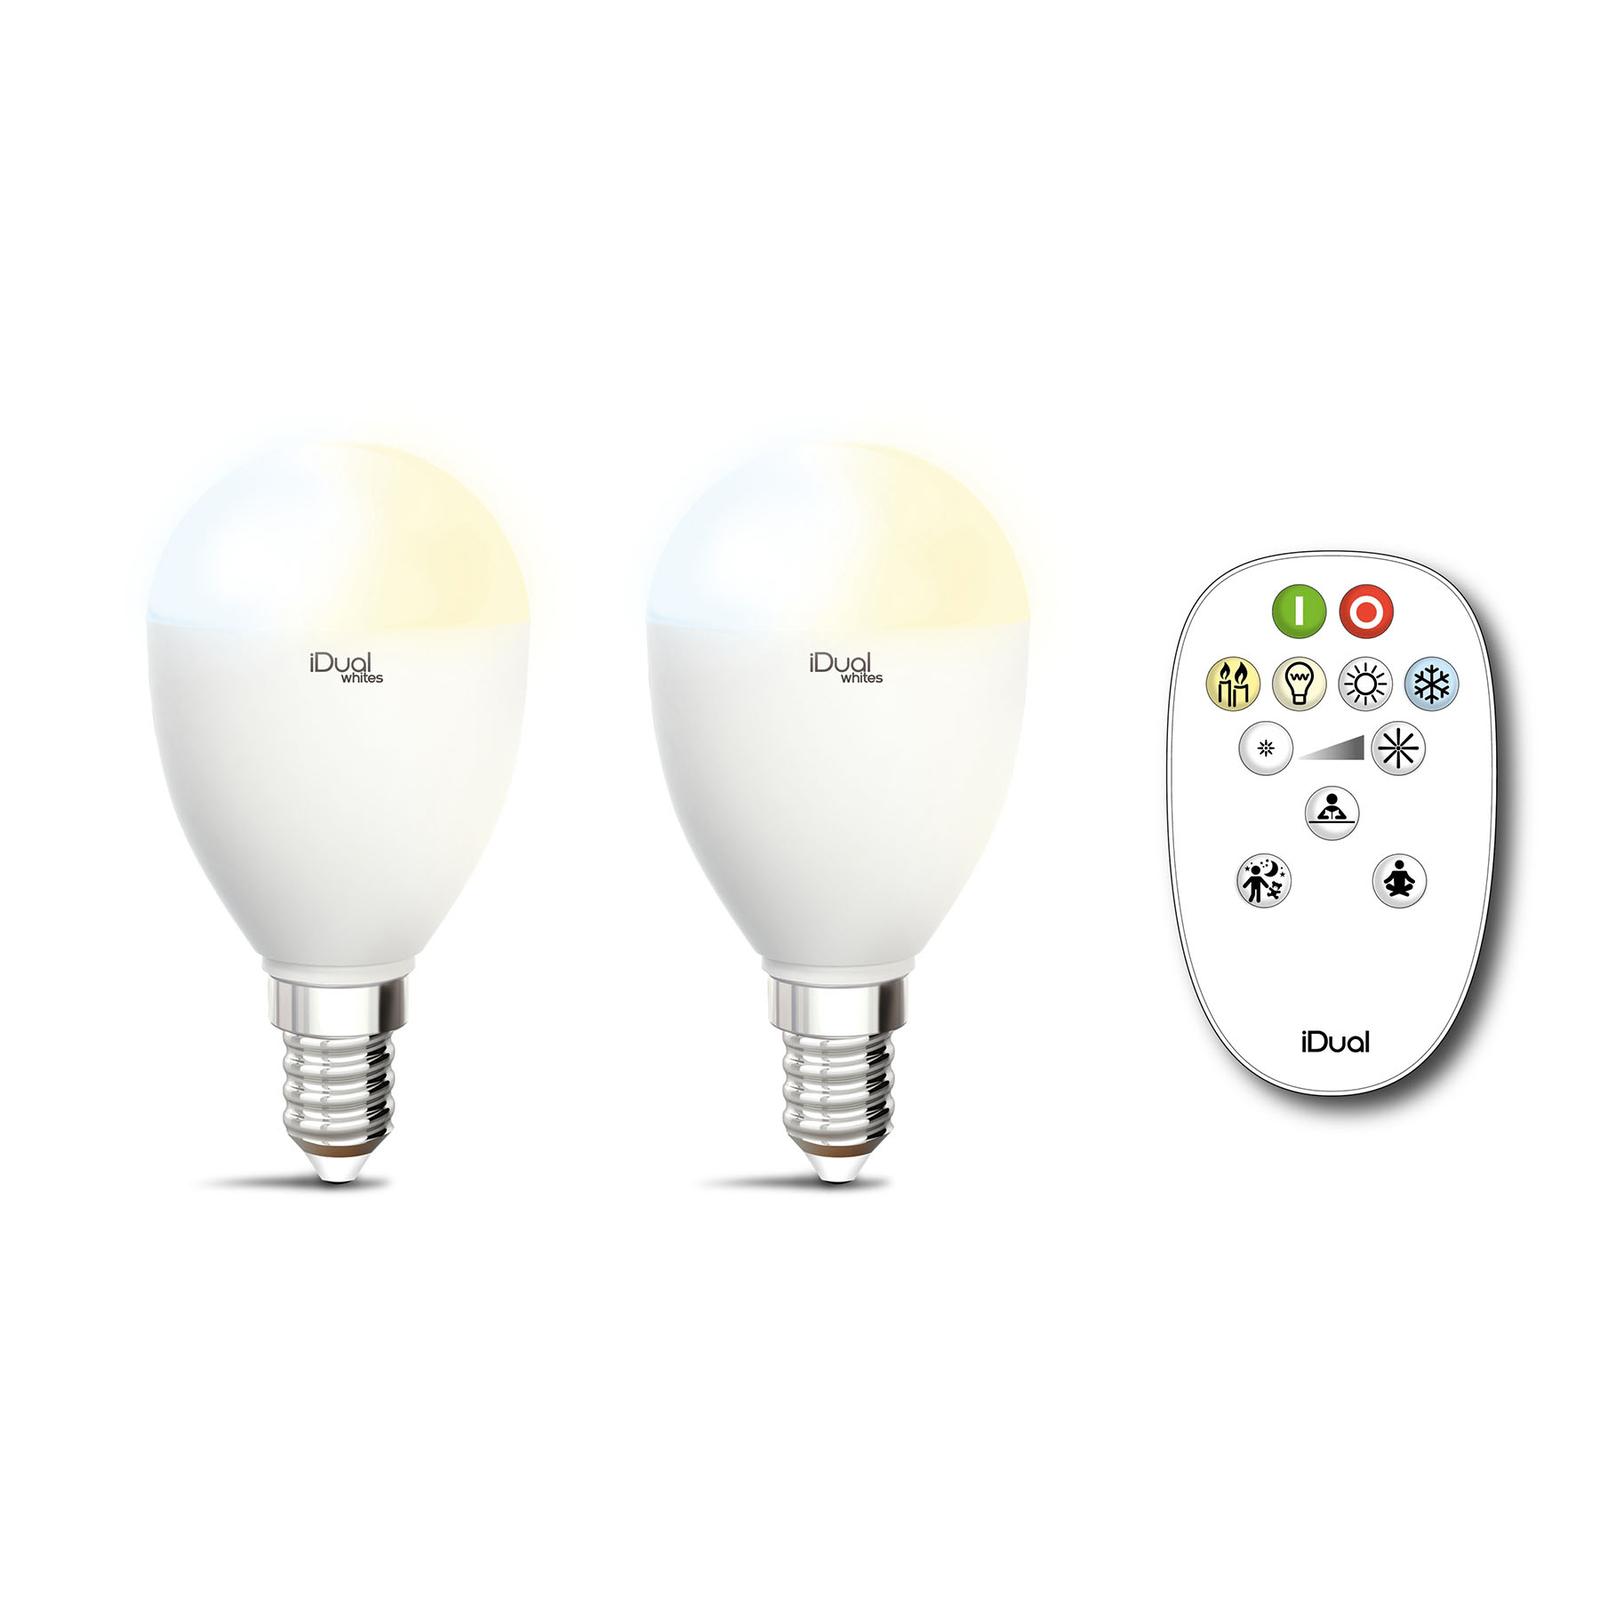 iDual Whites 2 ampoules LED E14 5,5W télécommande